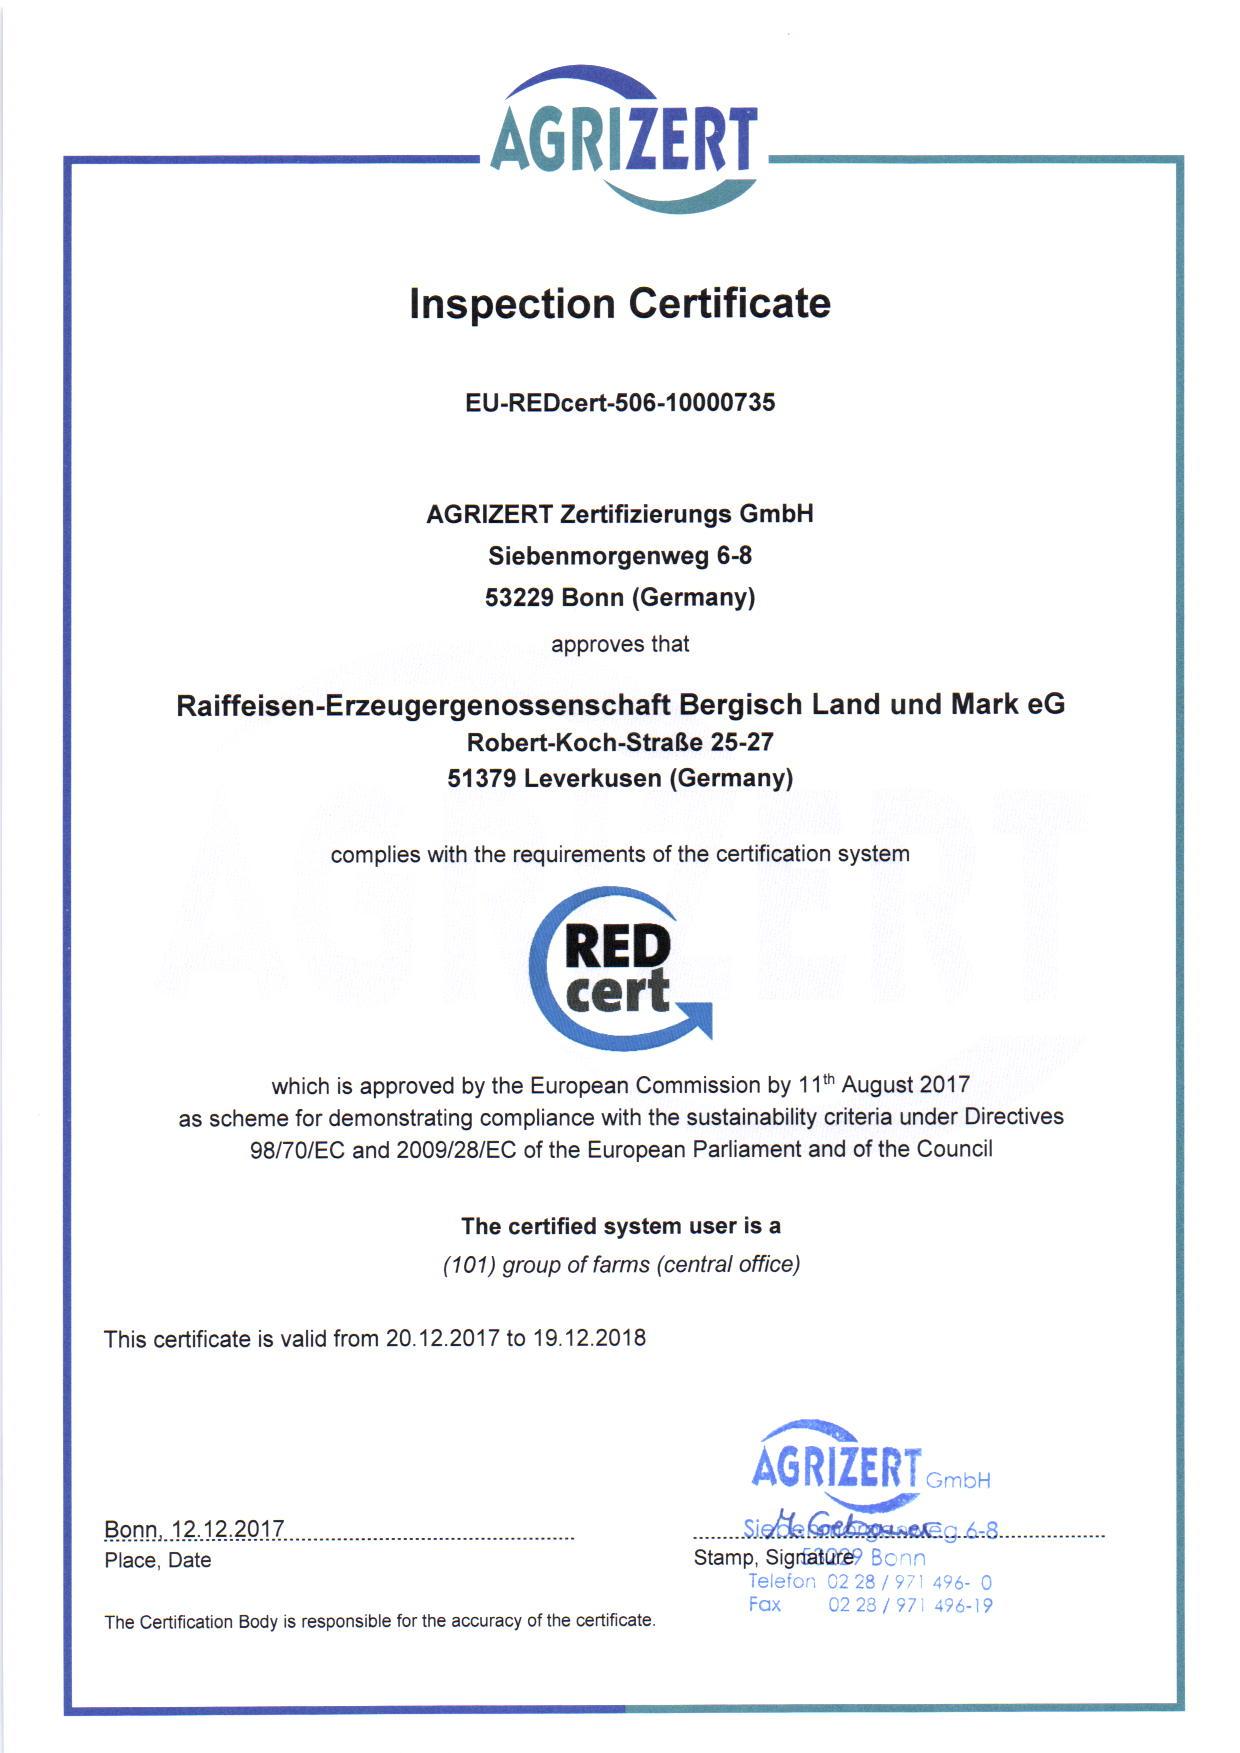 2017_Zertifikat_REDcert_EU_AGZ0480_Landwirte.jpg